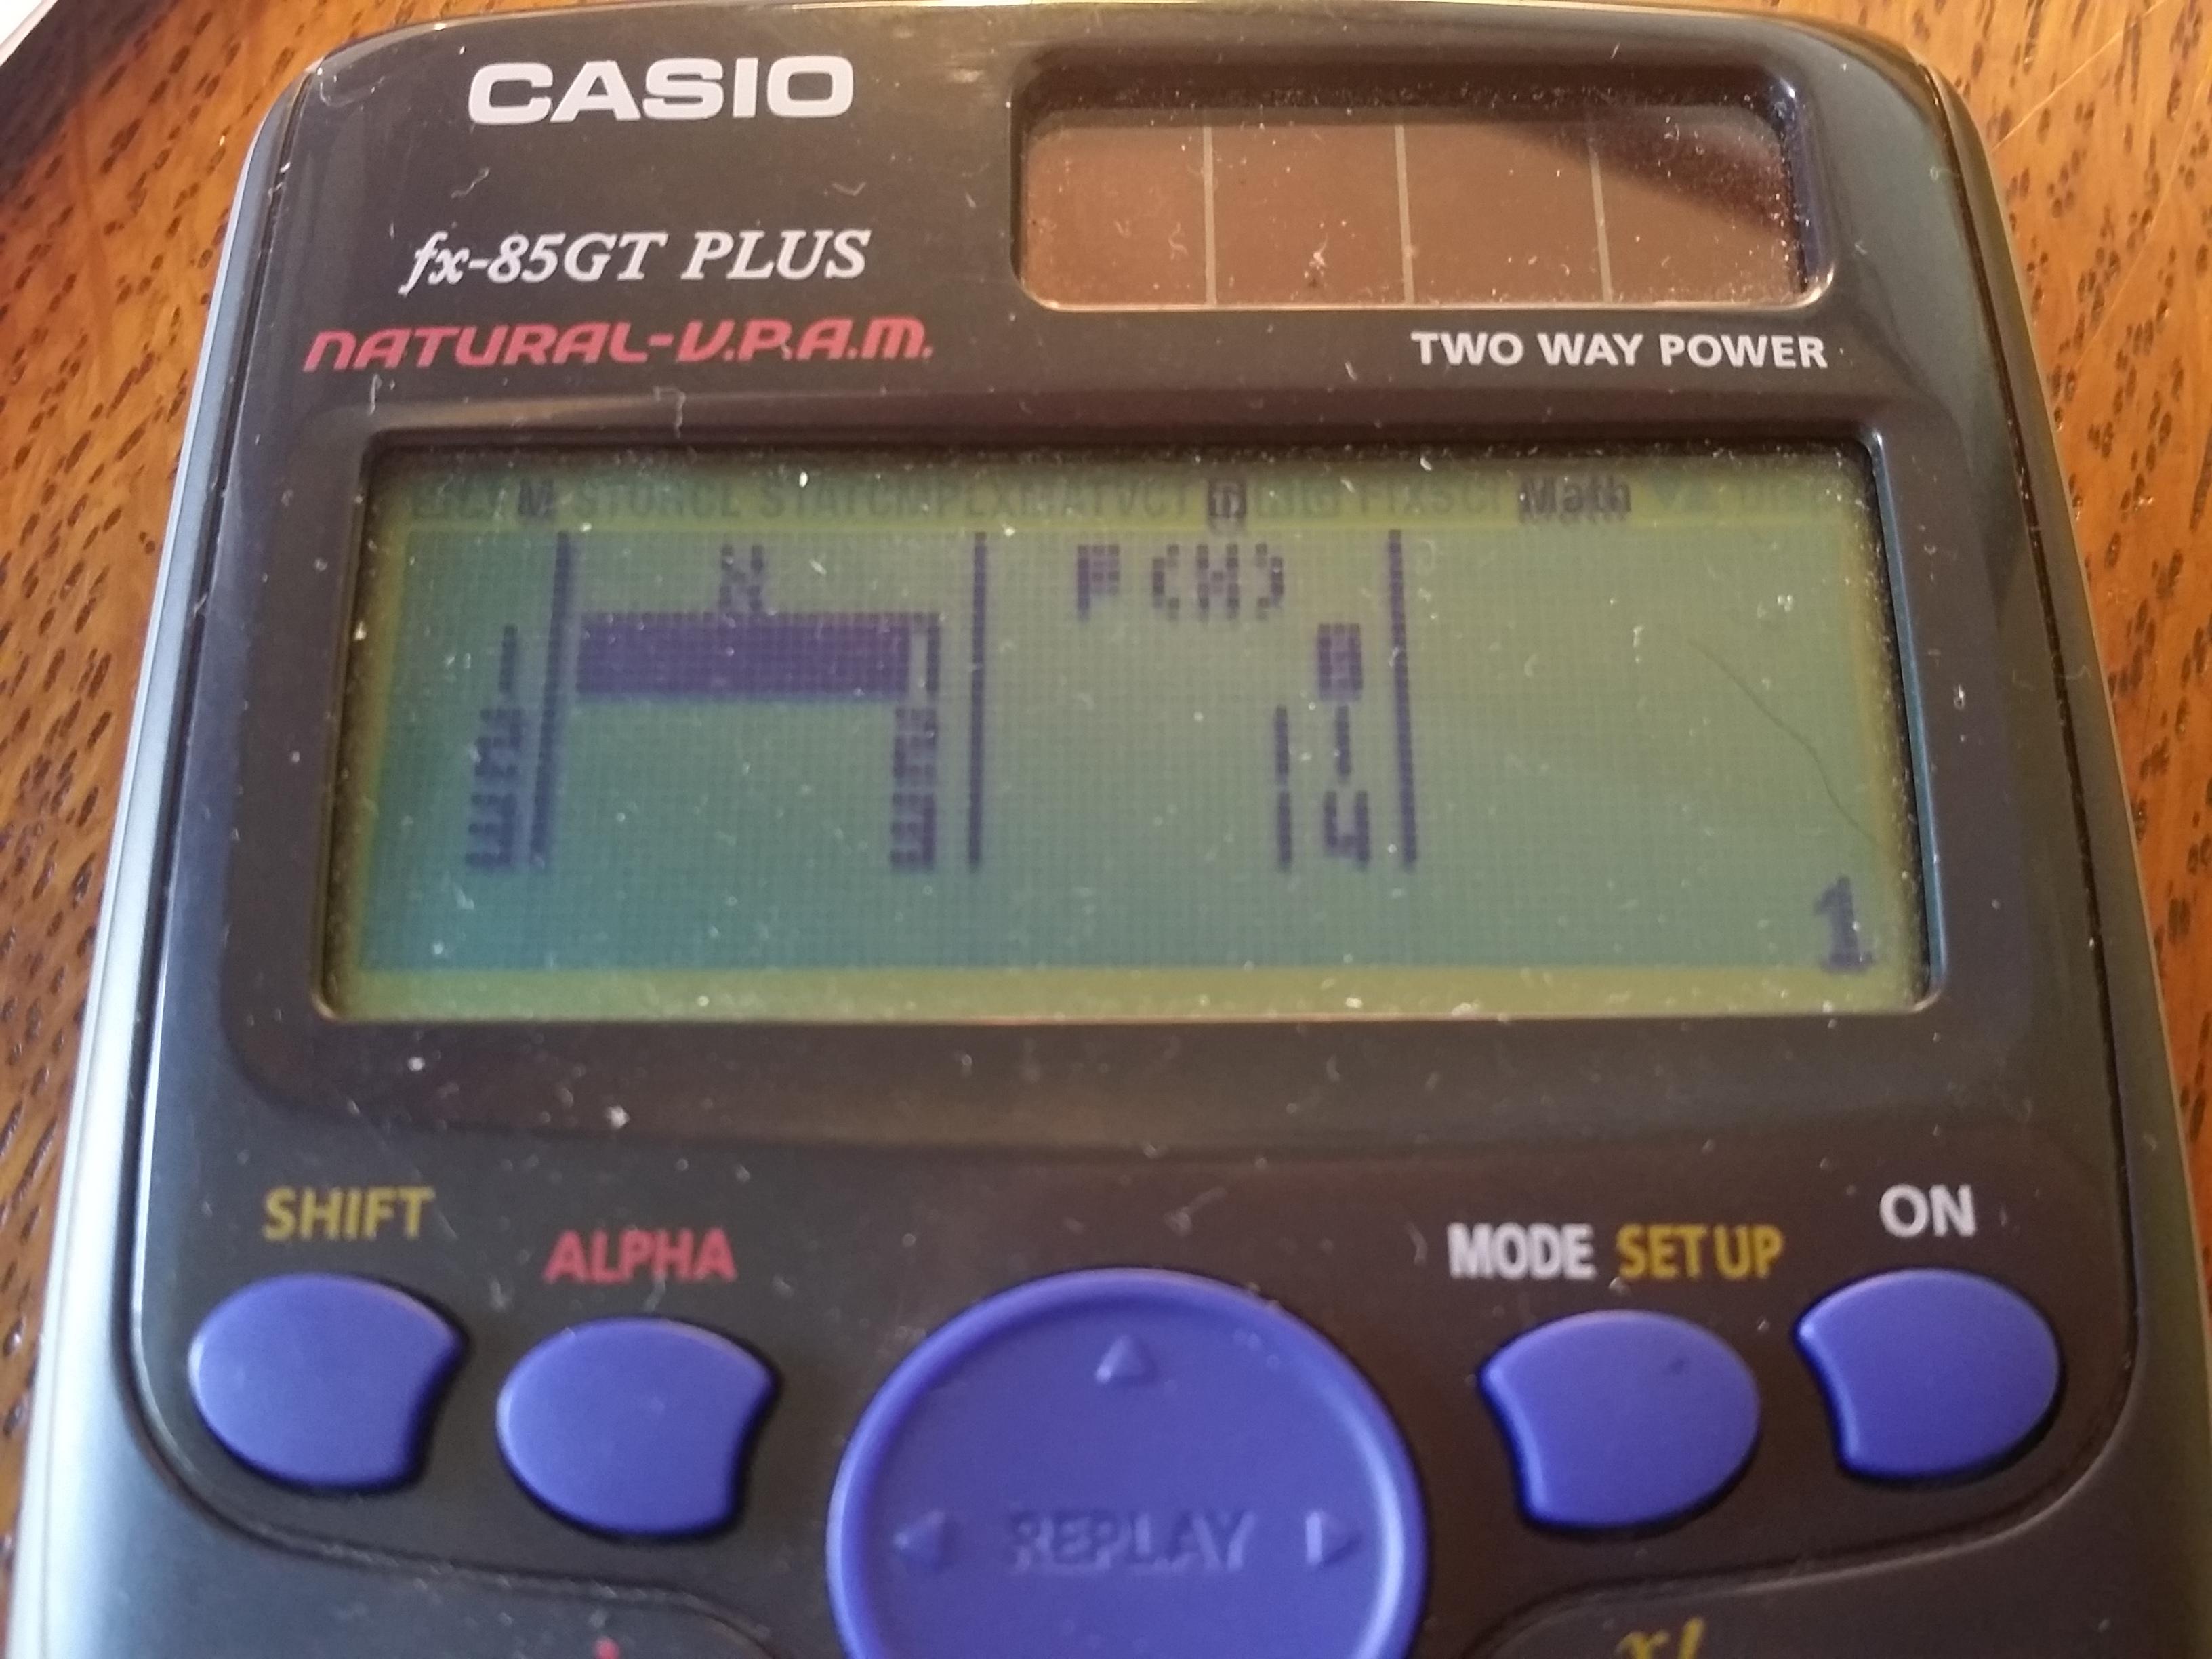 CASIO fx-83GT PLUS | Maths Tutor Bournemouth